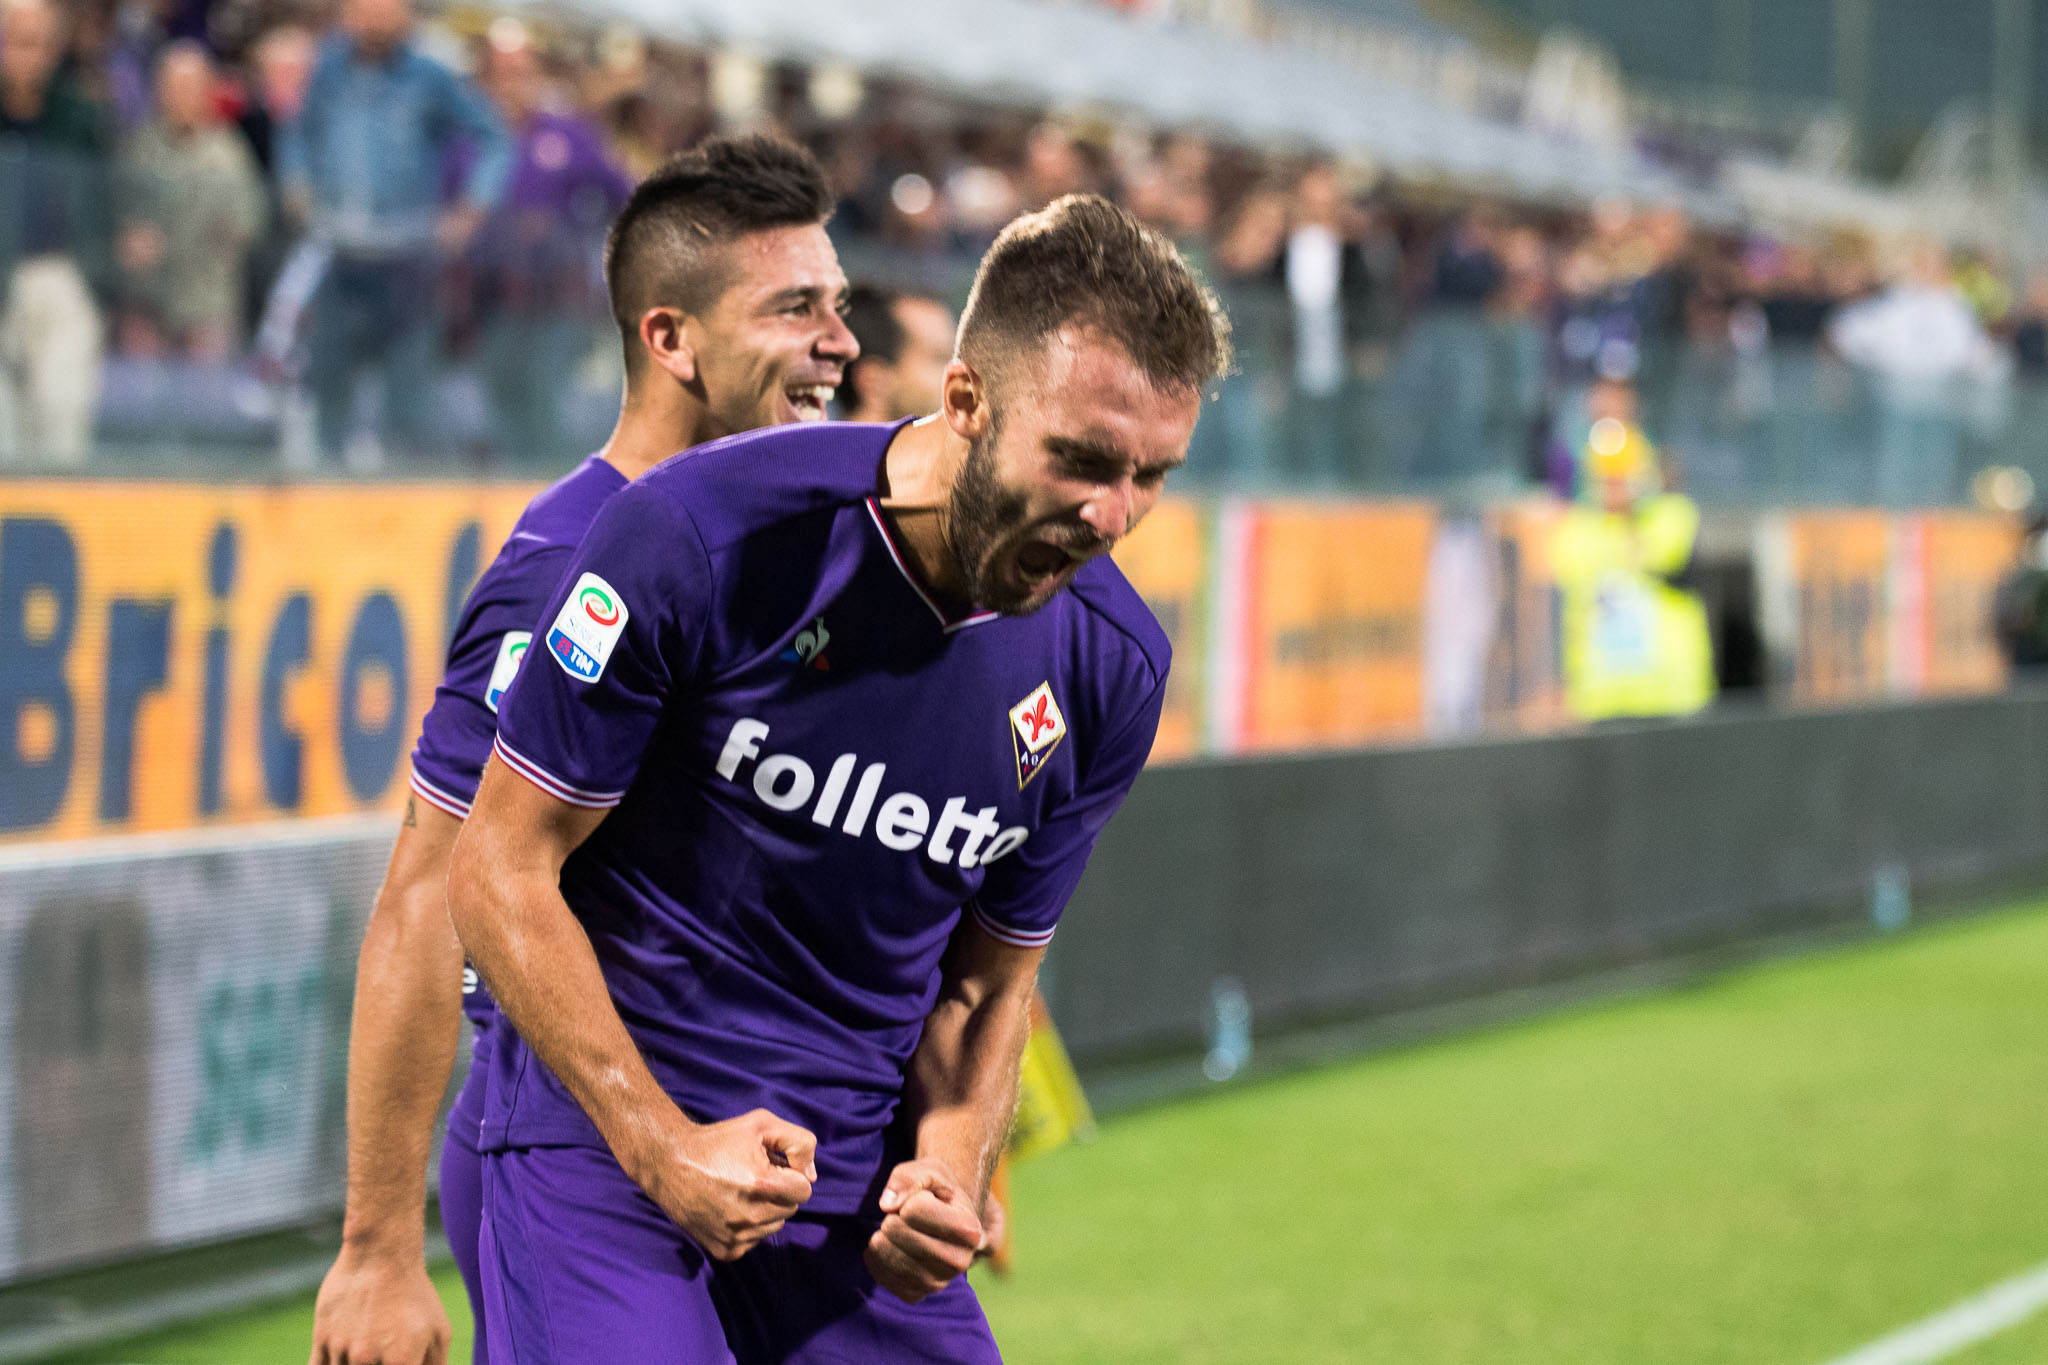 """Pezzella: """"L'Europa è un pensiero fisso. Firenze è una città bellissima e la Fiorentina è una grande squadra, sono felice di essere qua"""""""